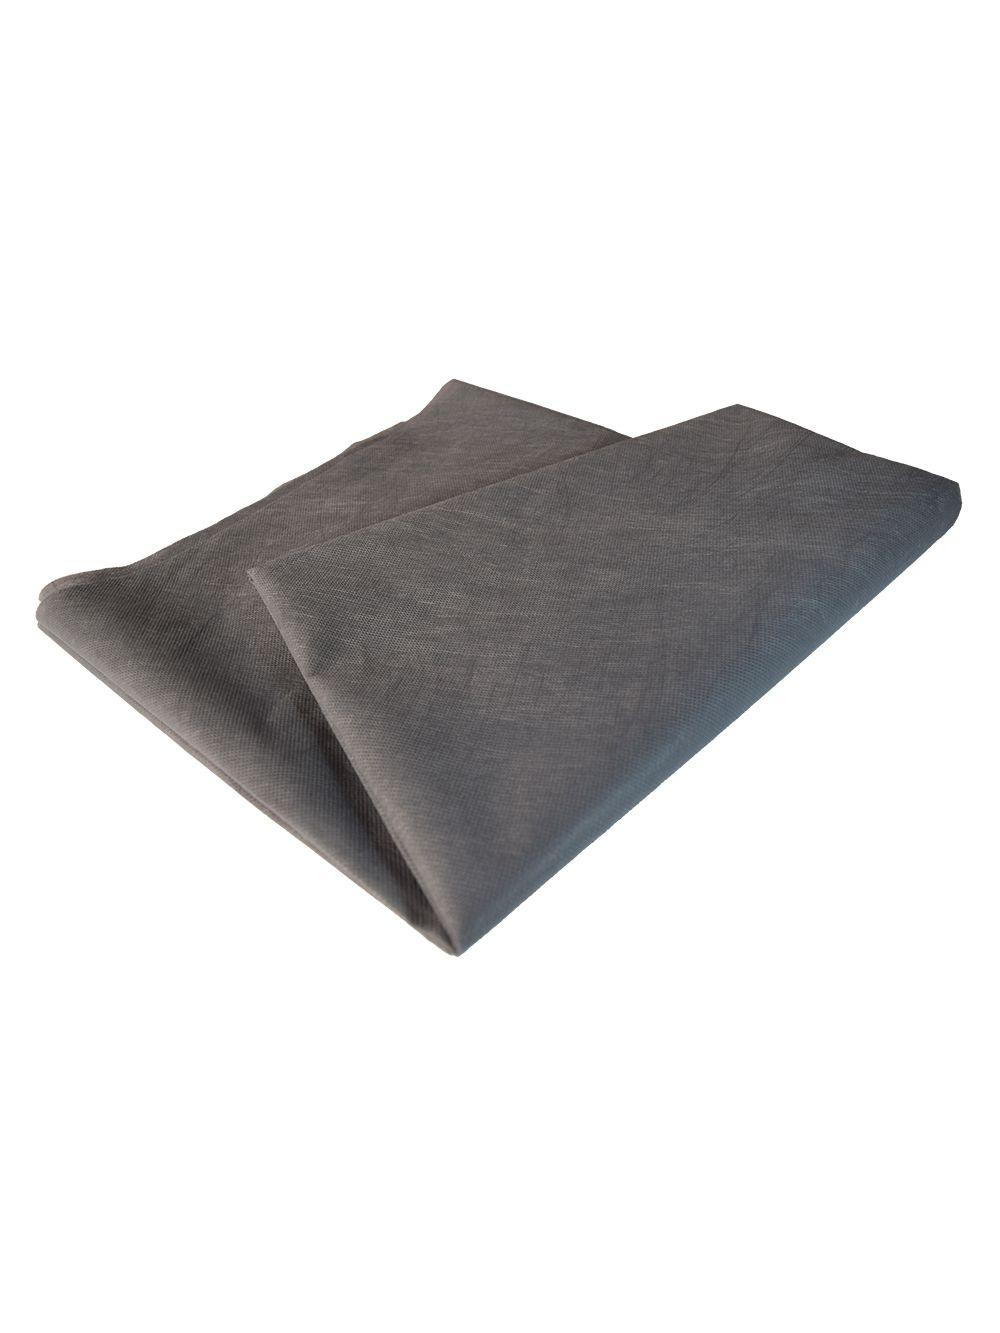 Tnt Tecido Não Tecido - 80gr - Cinza - 30 cm largura